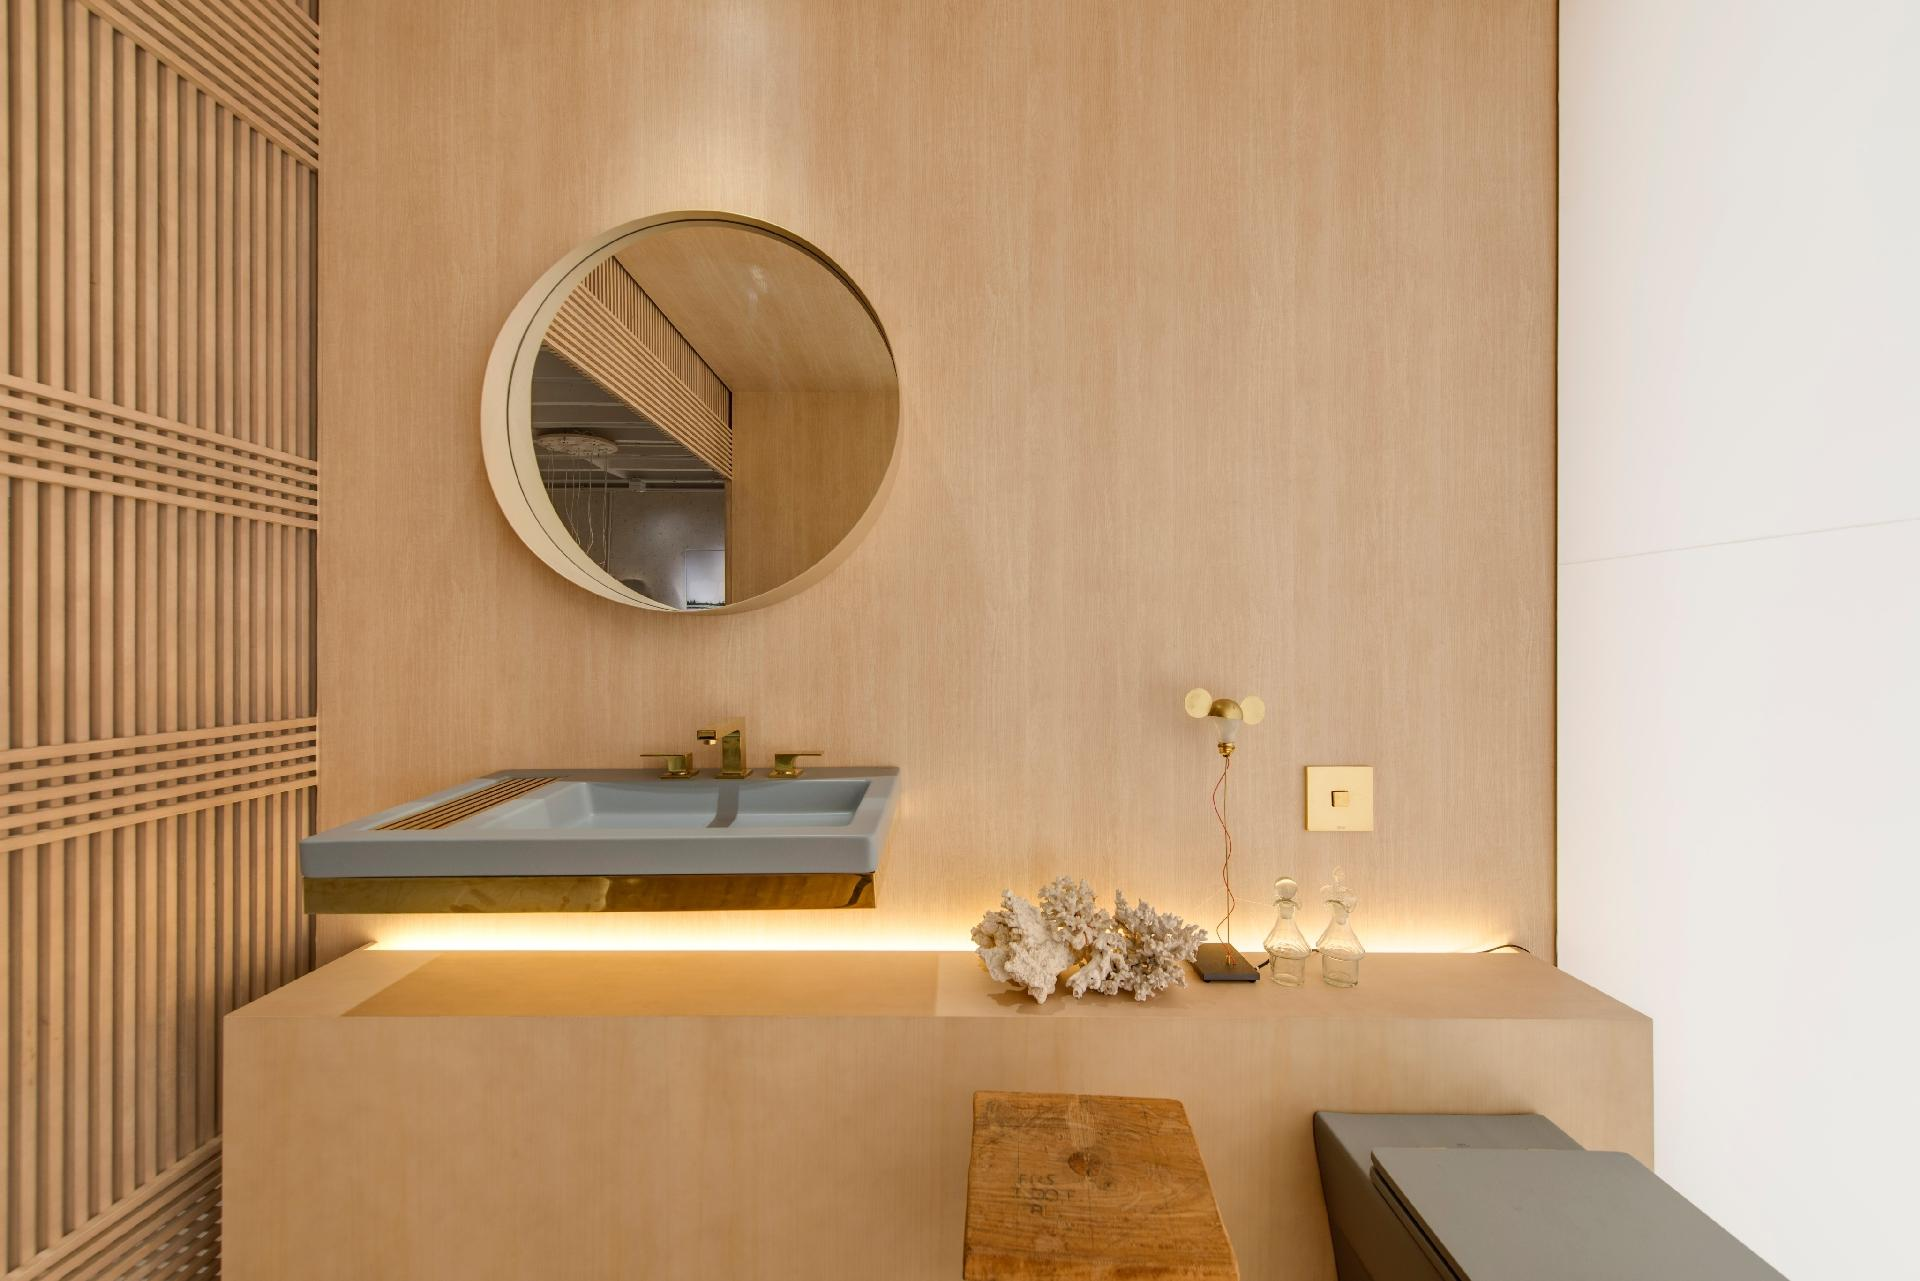 assinado pelo escritório Yamagata é treliçada e feita em madeira  #6E4921 1920x1281 Banheiro Bege E Madeira